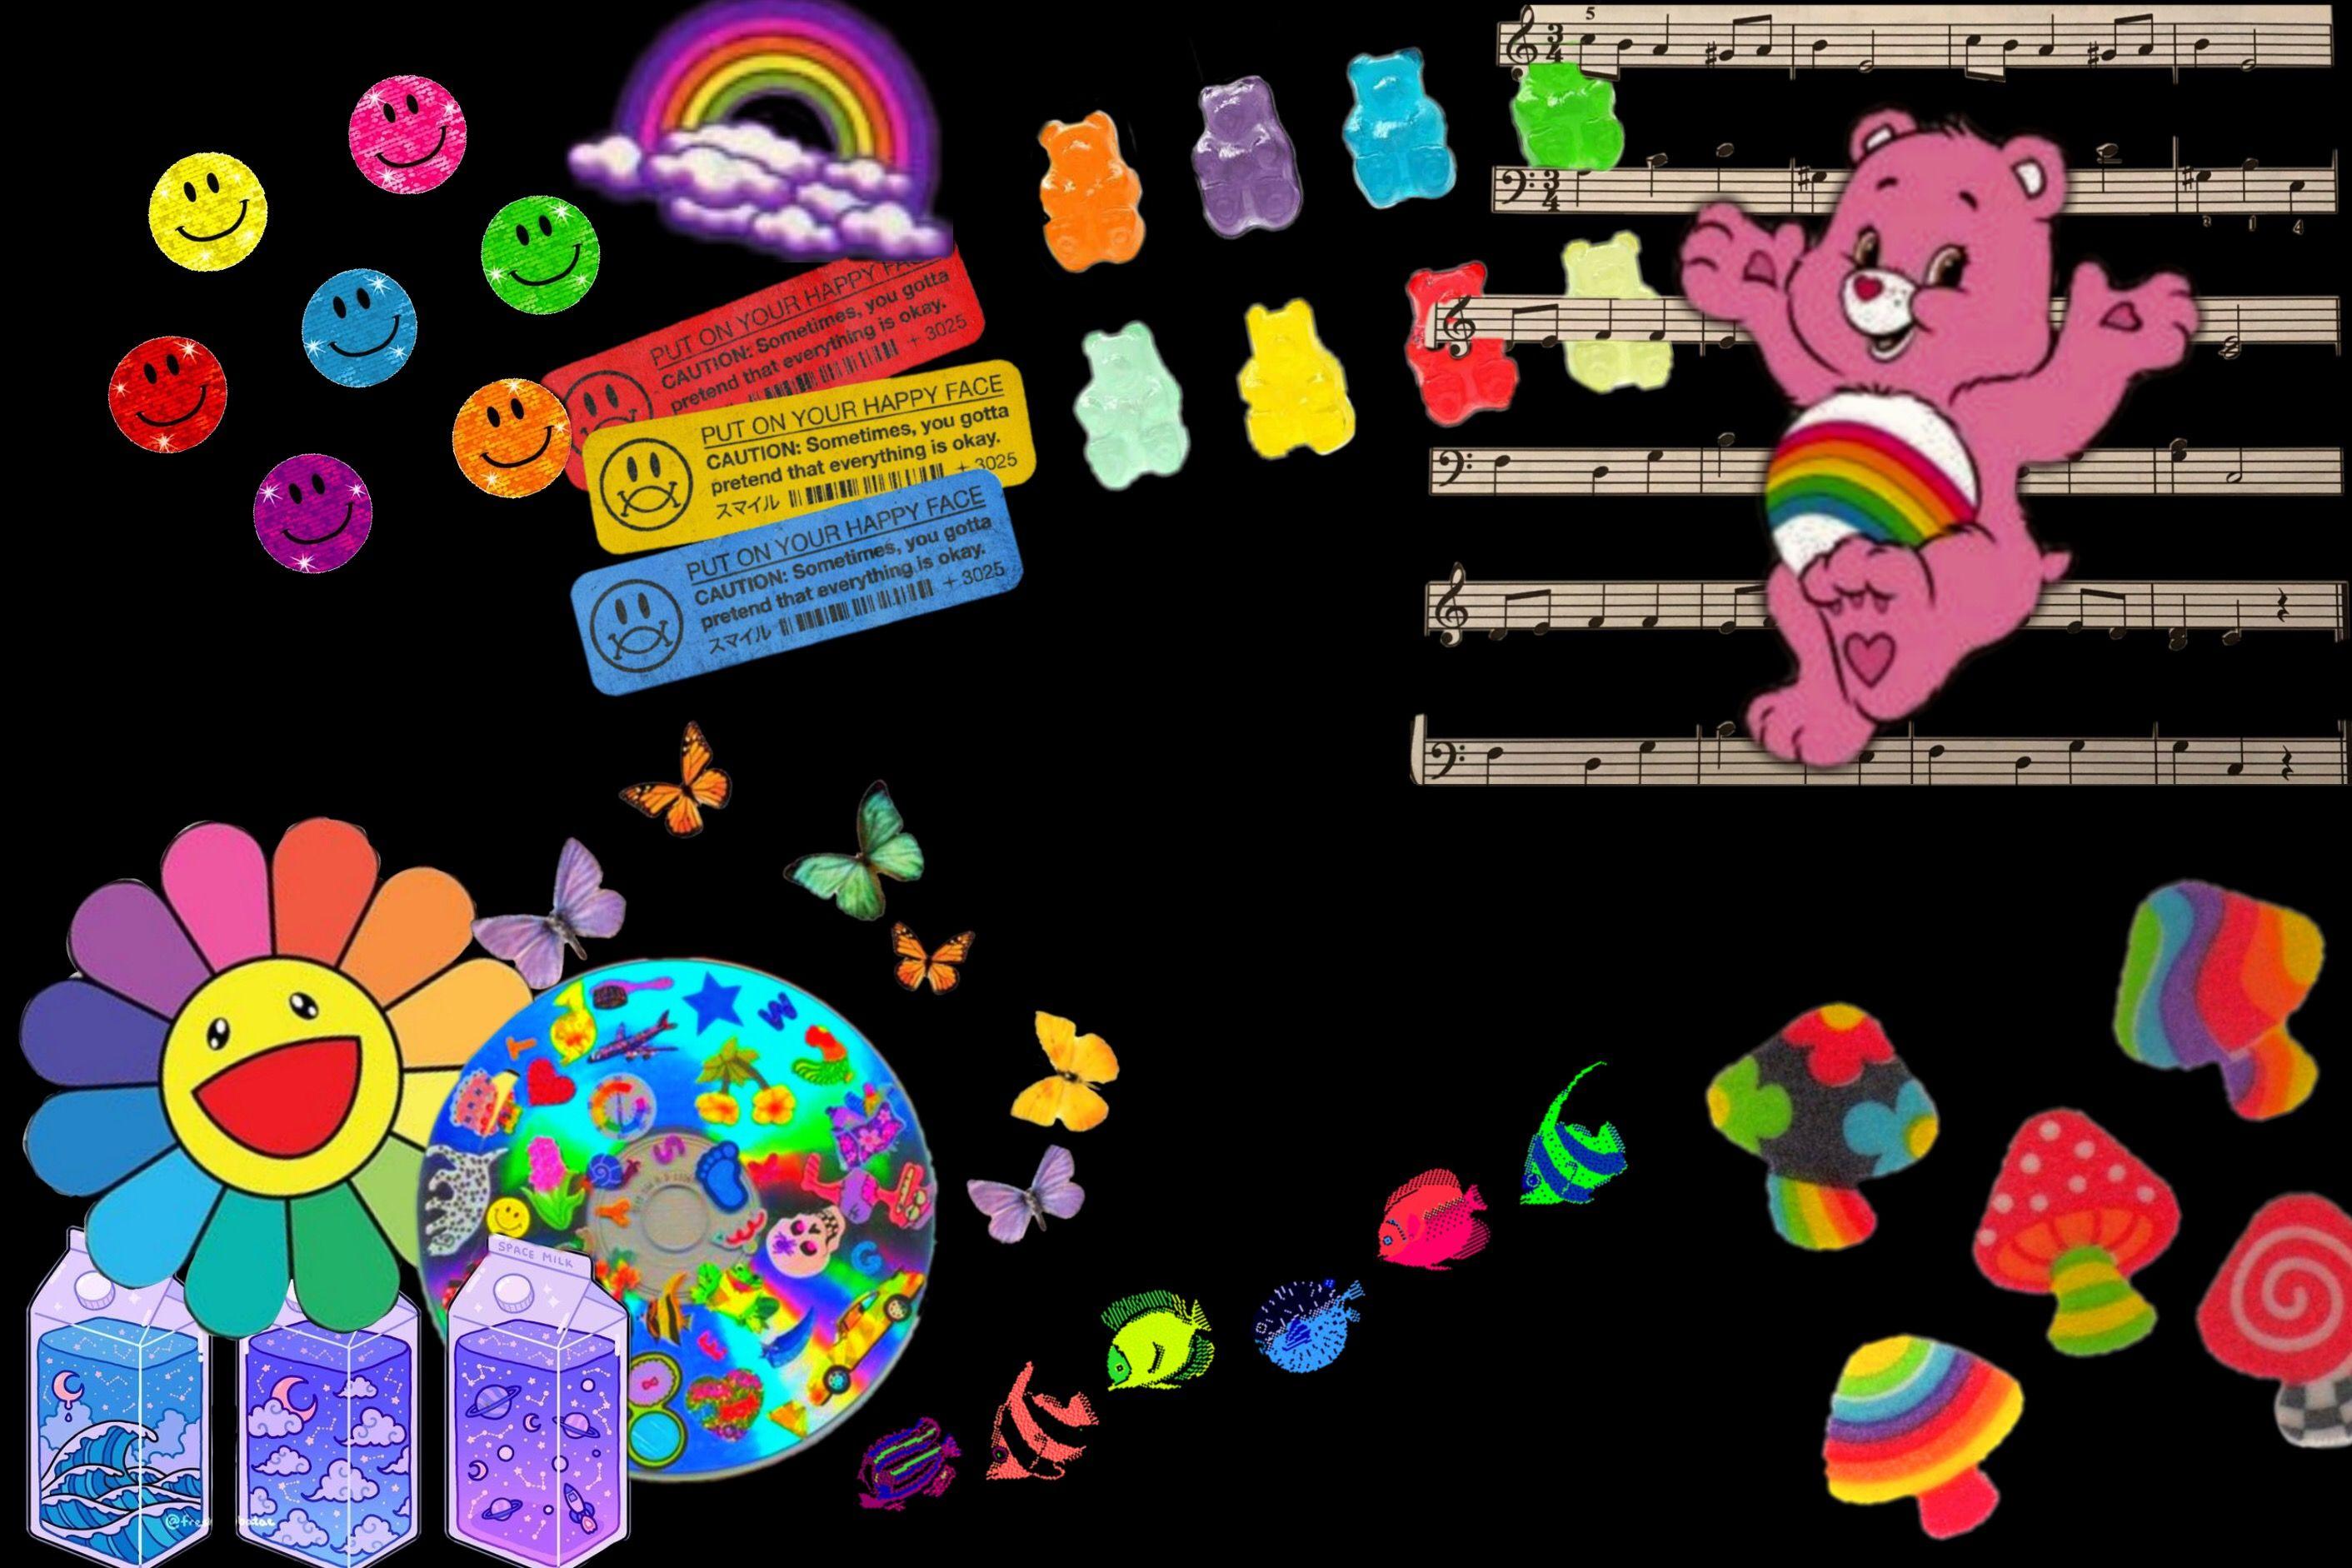 Indie Wallpaper For Computers Cute Desktop Wallpaper Aesthetic Iphone Wallpaper Computer Wallpaper Desktop Wallpapers Desktop wallpaper indie aesthetic